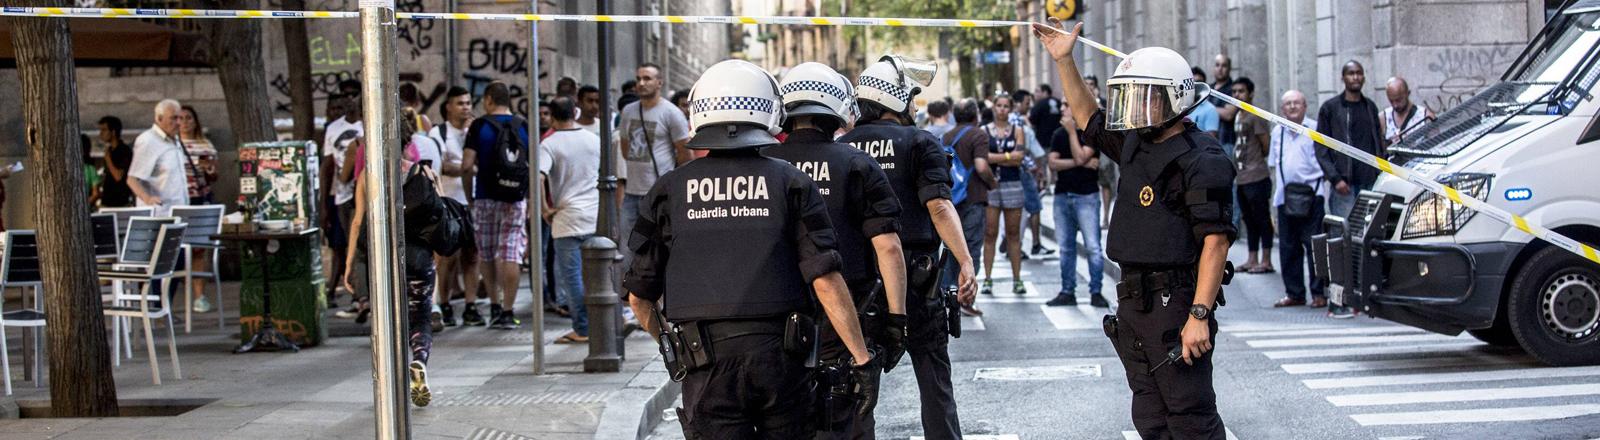 Polizisten verlassen den Tatort und gehen unter einem Absperrband hindurch